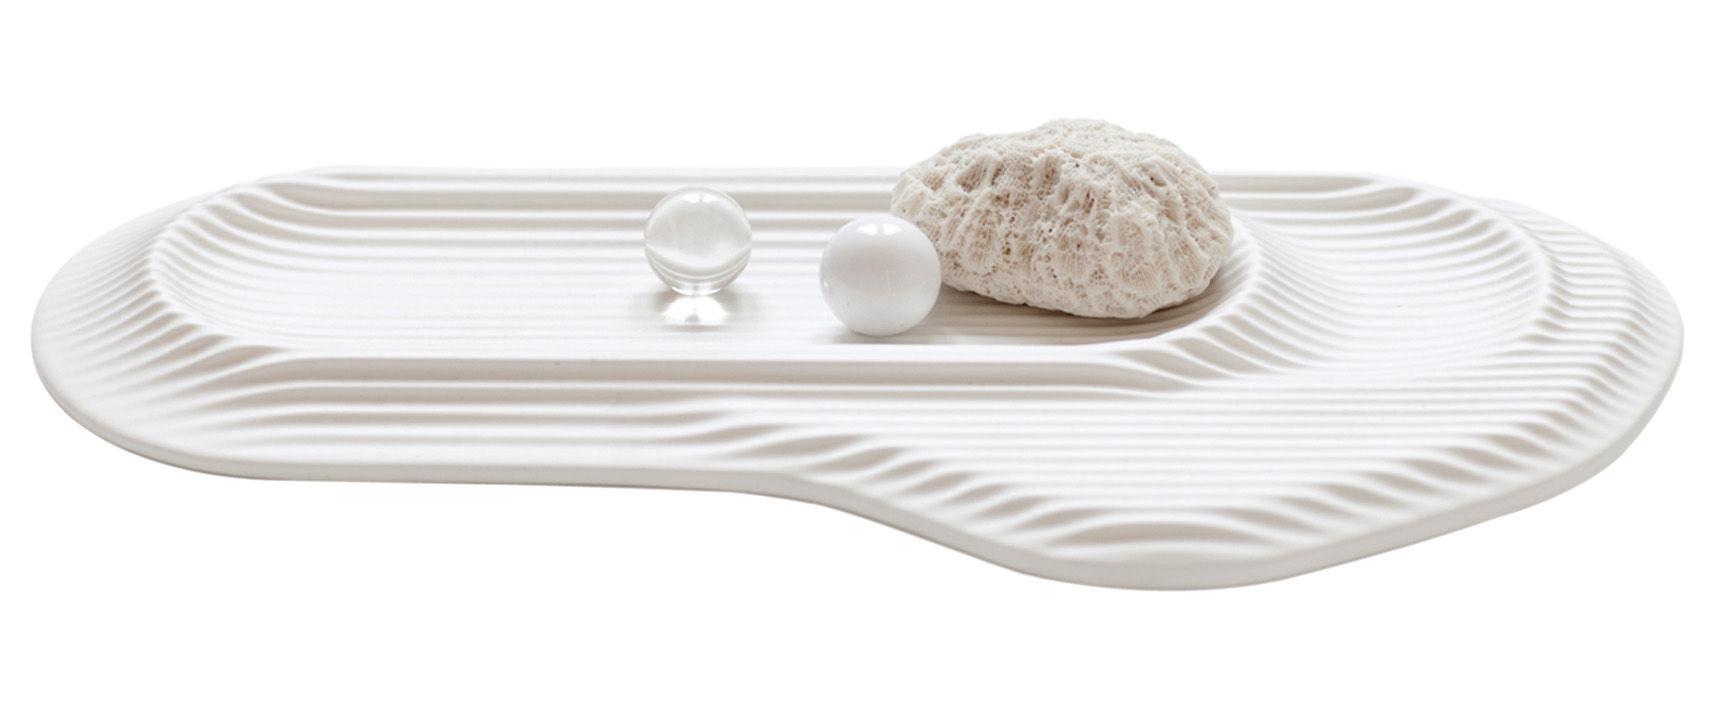 Interni - Ufficio - Portapenne Ceramic Feeld di Moustache - Bianco - Ceramica smaltata